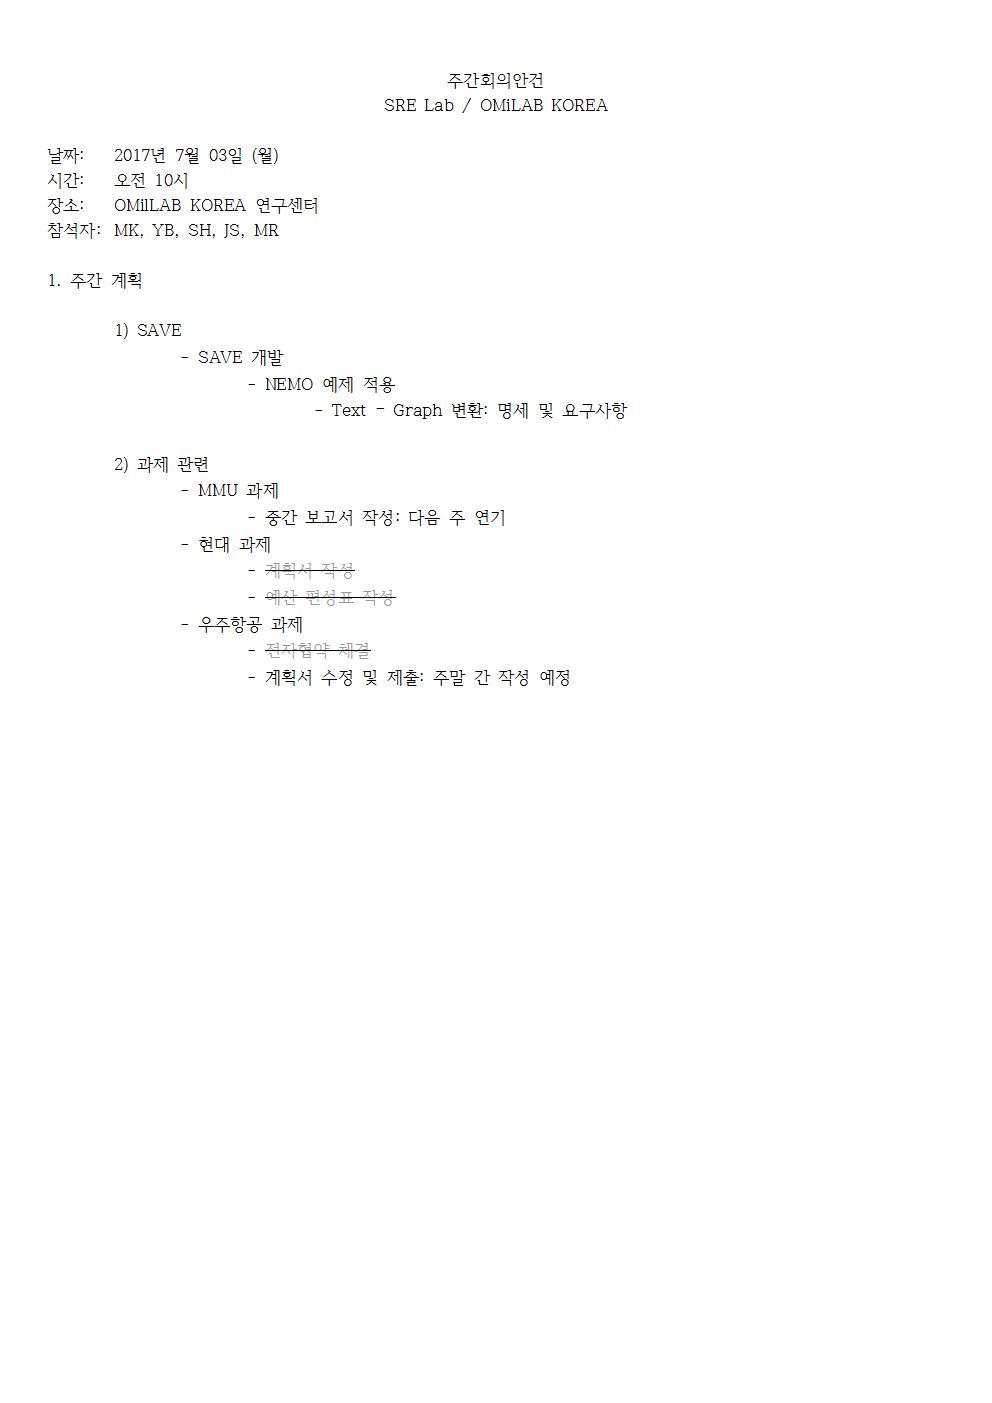 6-토-2017-07-08-PLAN(YB)001.jpg